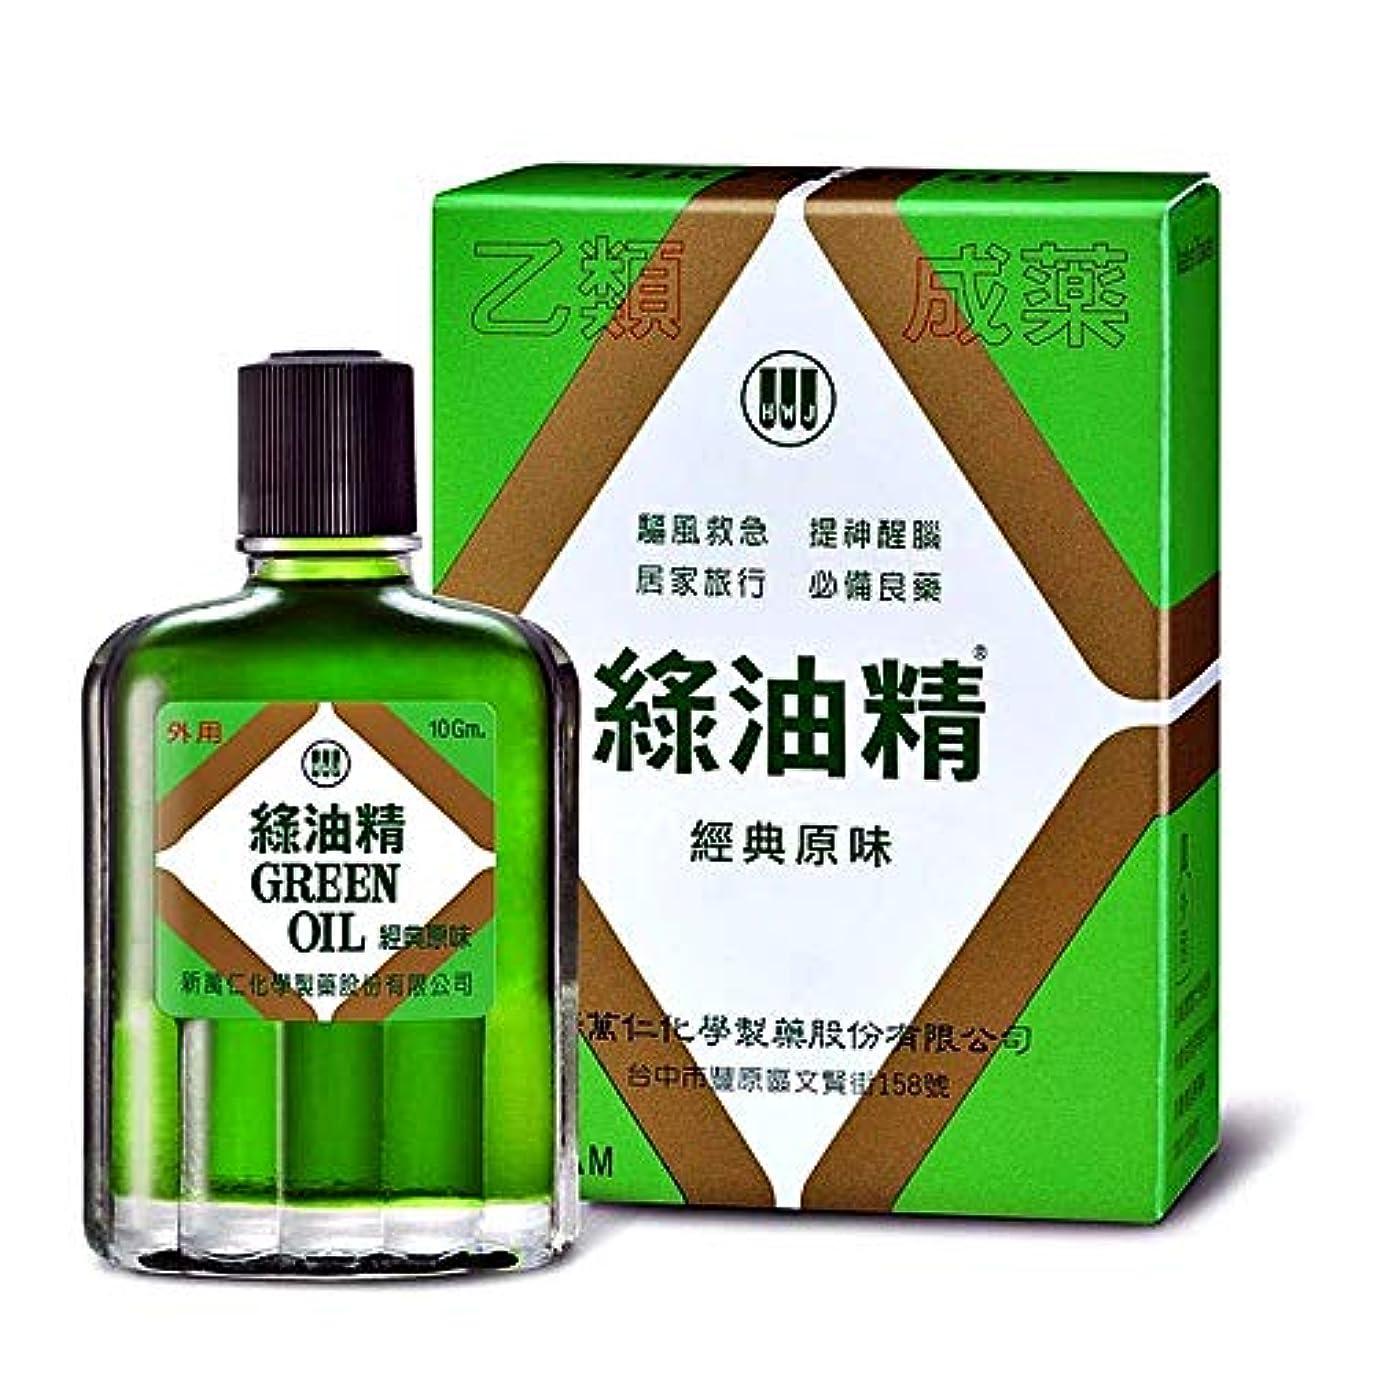 狂人メルボルンジェームズダイソン《新萬仁》台湾の万能グリーンオイル 緑油精 10g 《台湾 お土産》 [並行輸入品]